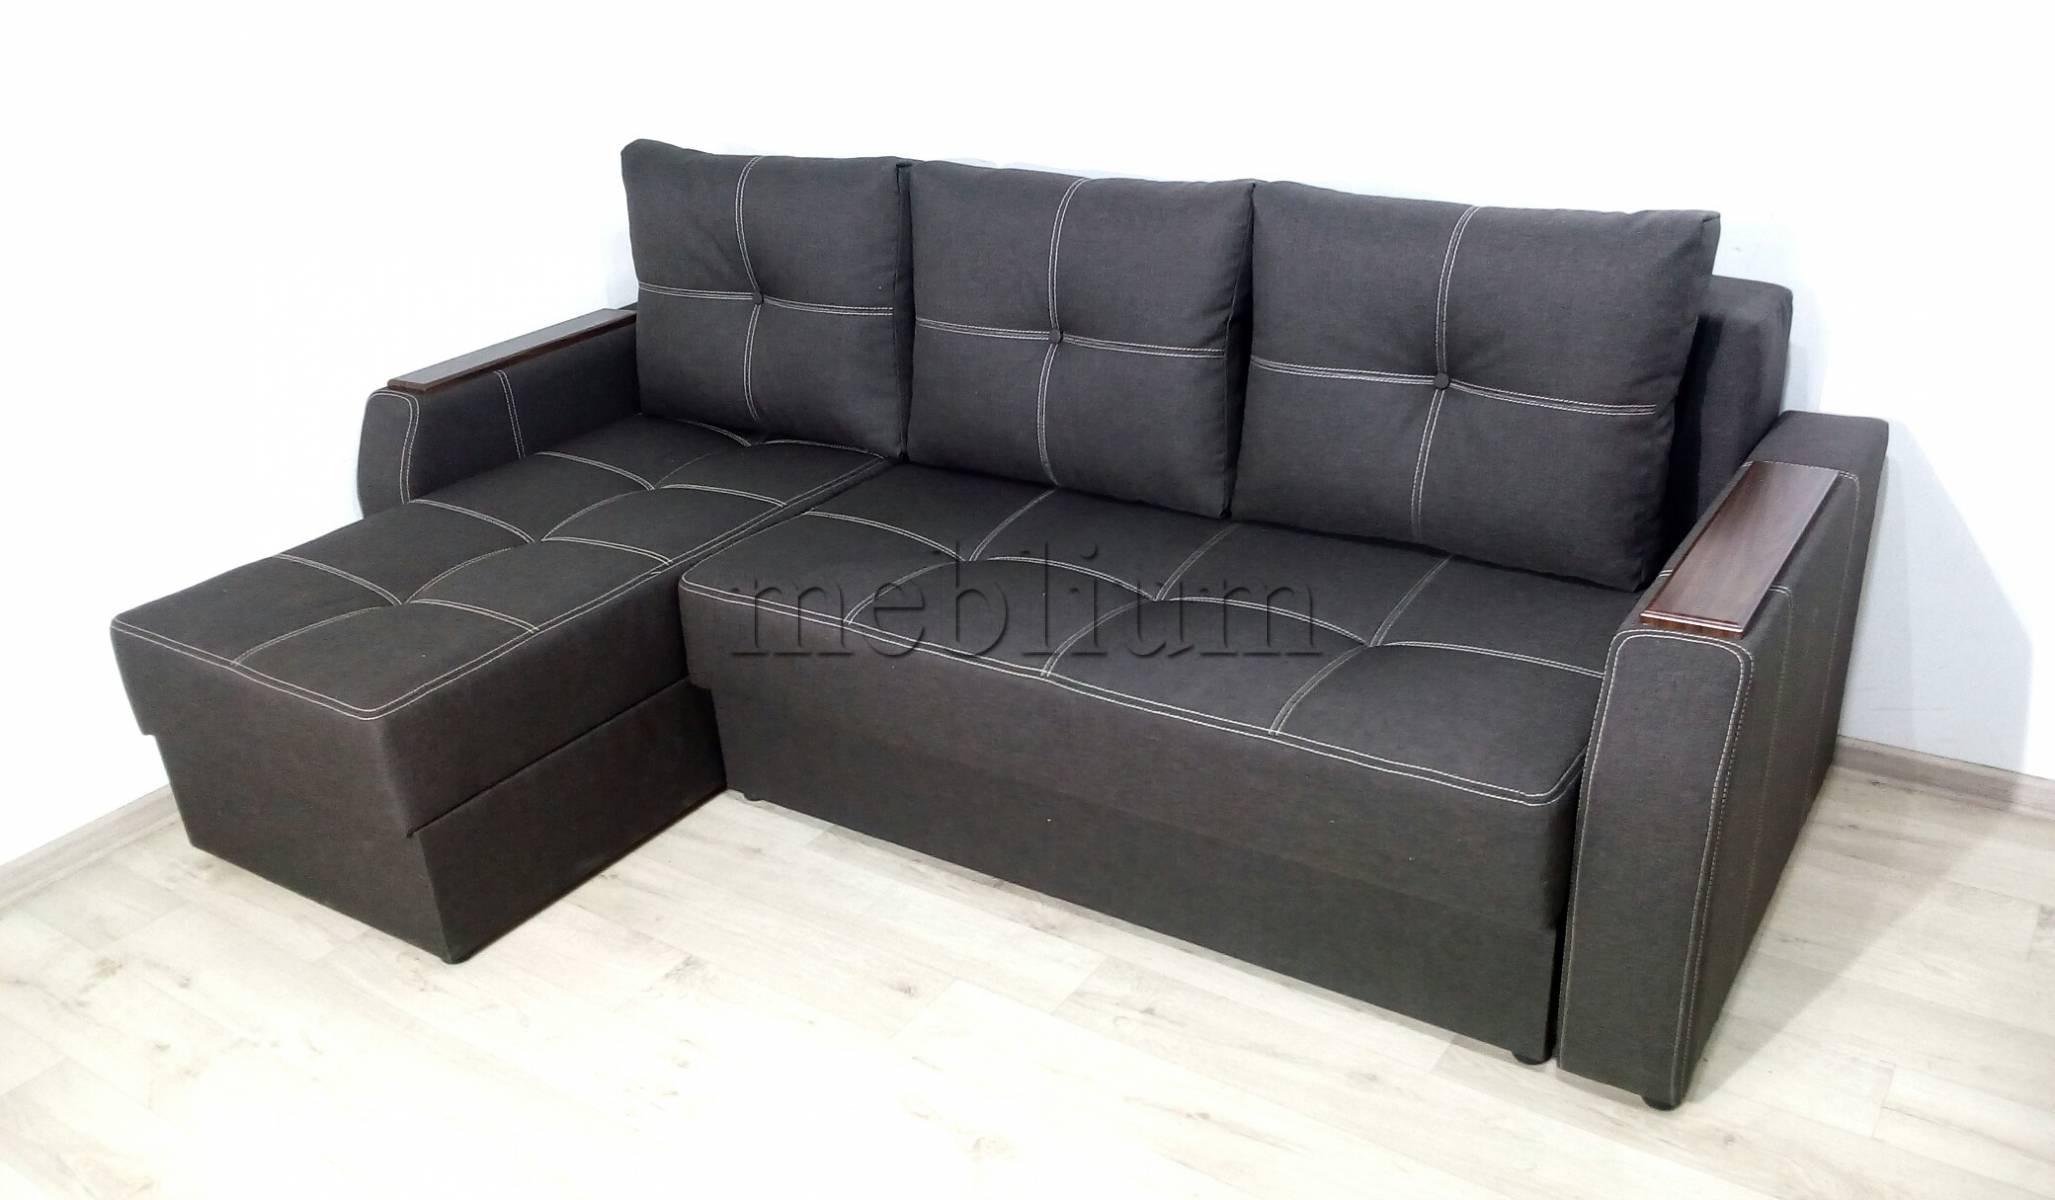 Угловой диван Брависсимо универсал -3 Ткань: Cofe